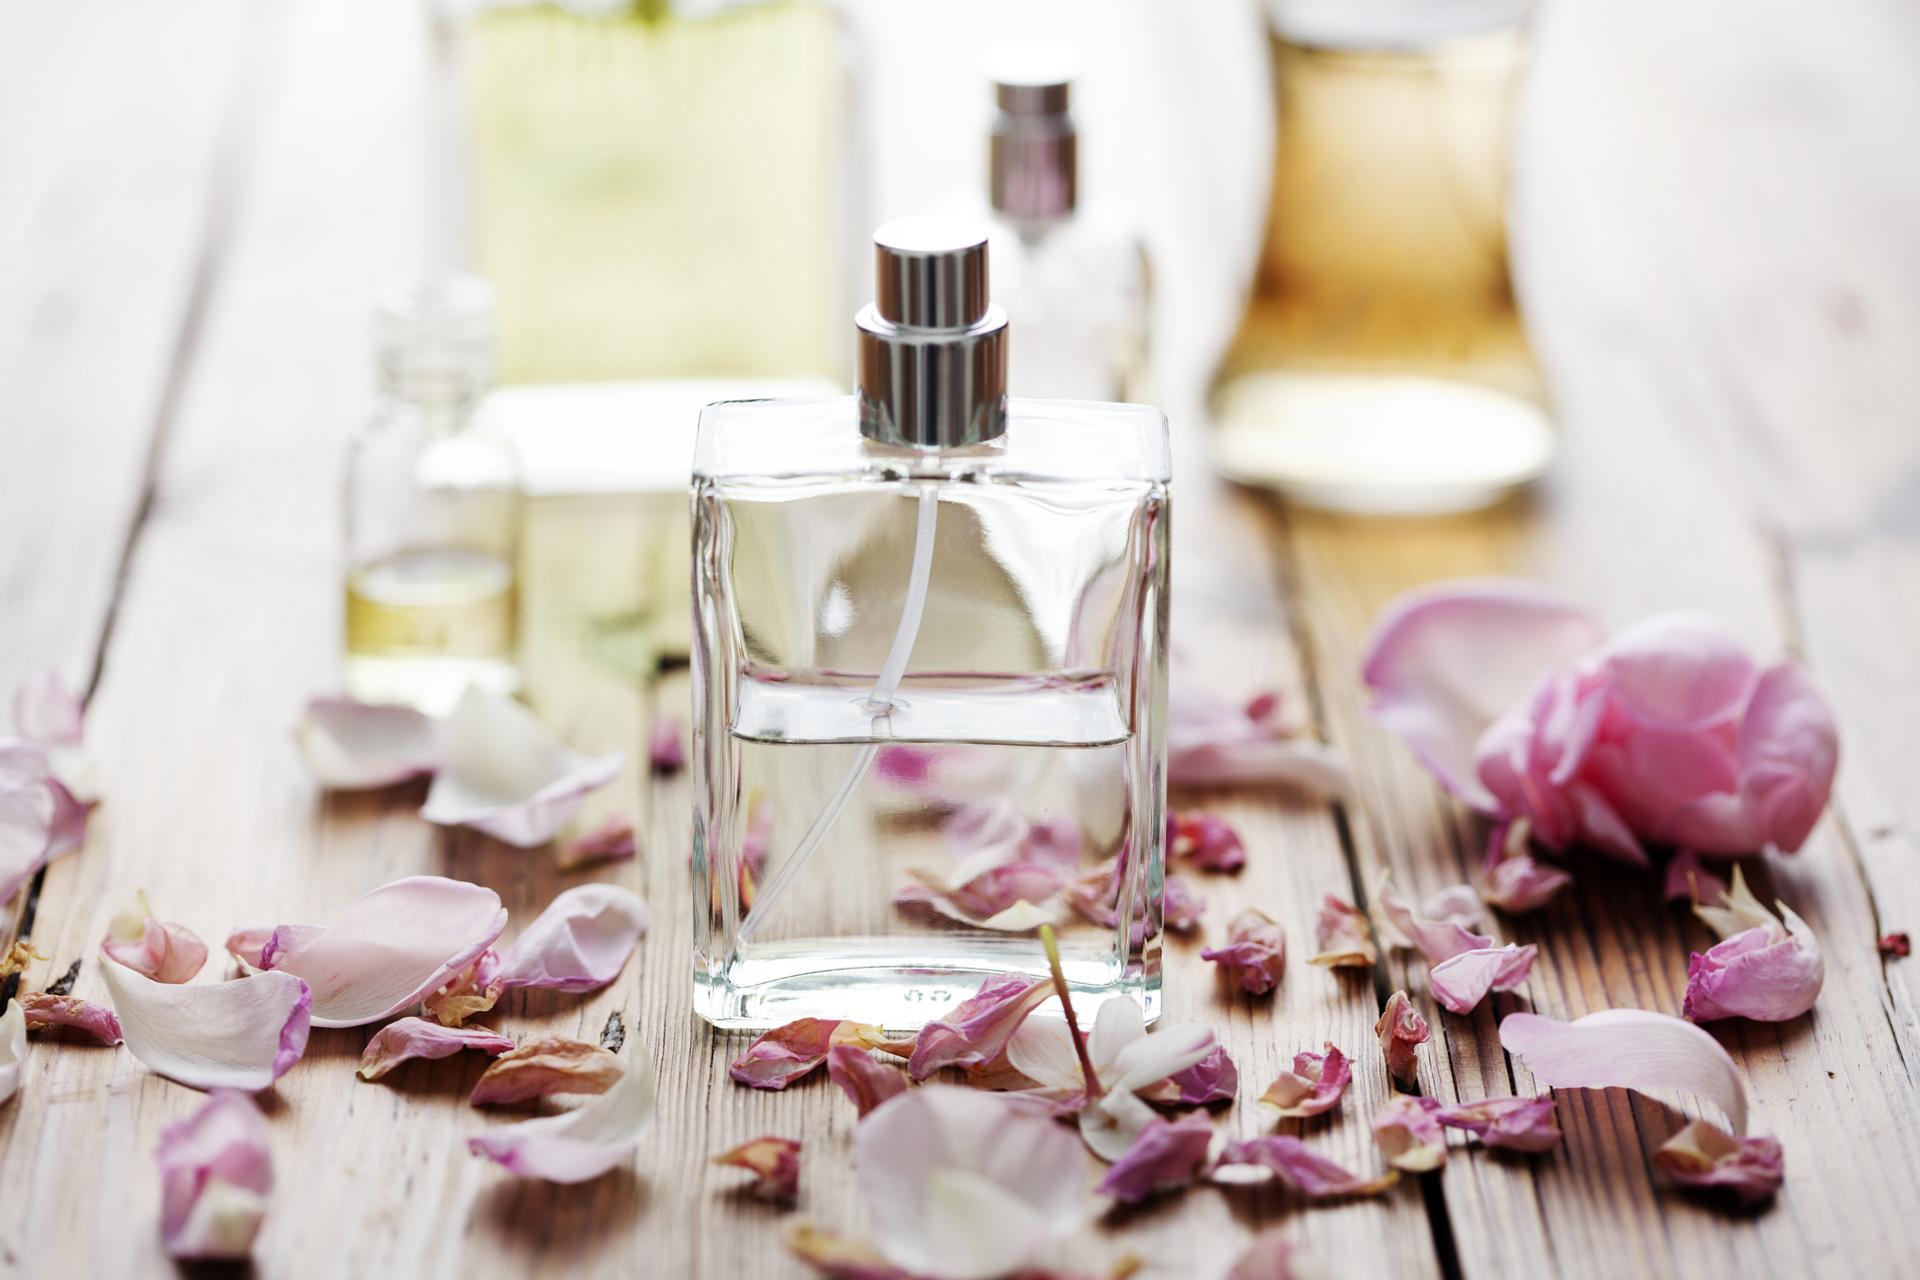 Los florales y cítricos son los ideales para el uso de perfumes en verano para las altas temperaturas por sus livianas esencias (Getty Images)